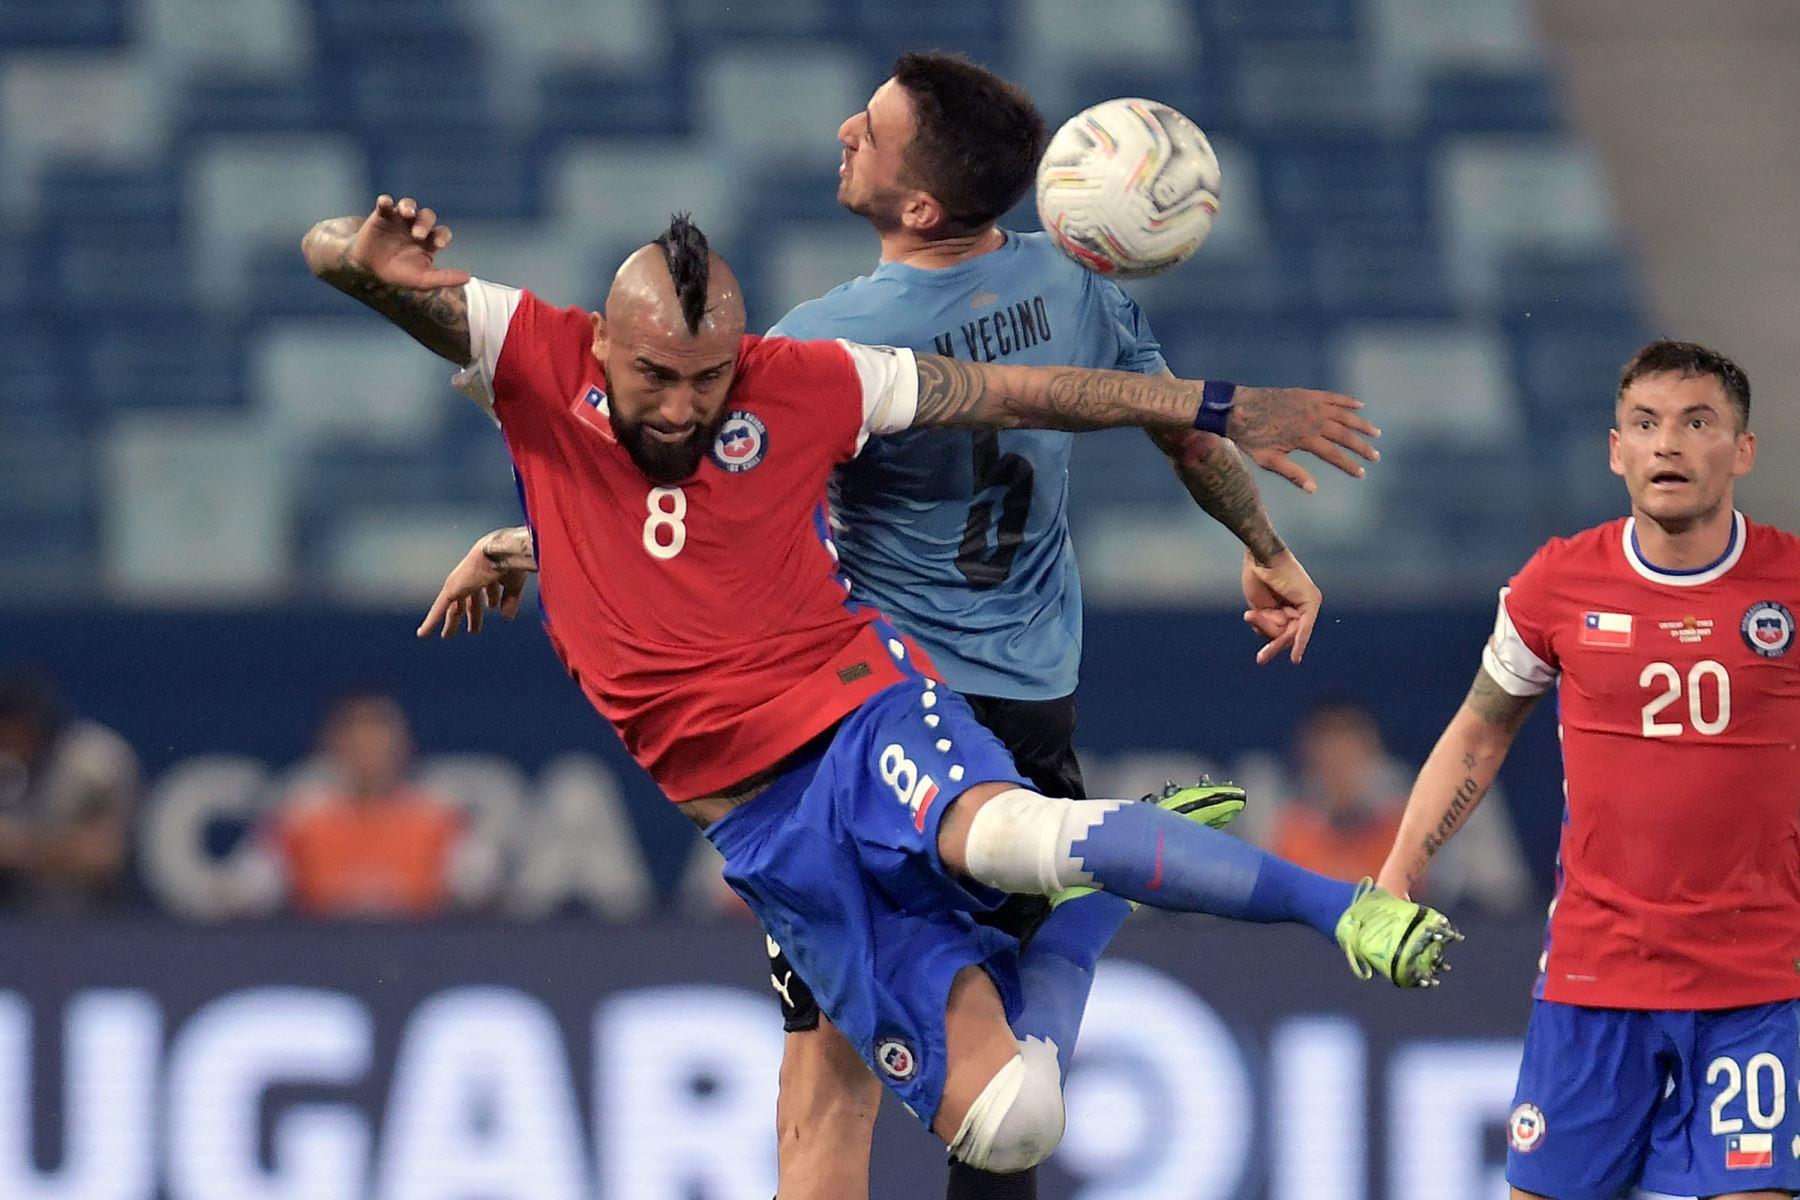 El chileno Arturo Vidal y el uruguayo Matías Vecino compiten por el balón durante el partido de la fase de grupos del torneo de fútbol Conmebol Copa América 2021 en el Pantanal Arena de Cuiabá, Brasil. Foto: AFP